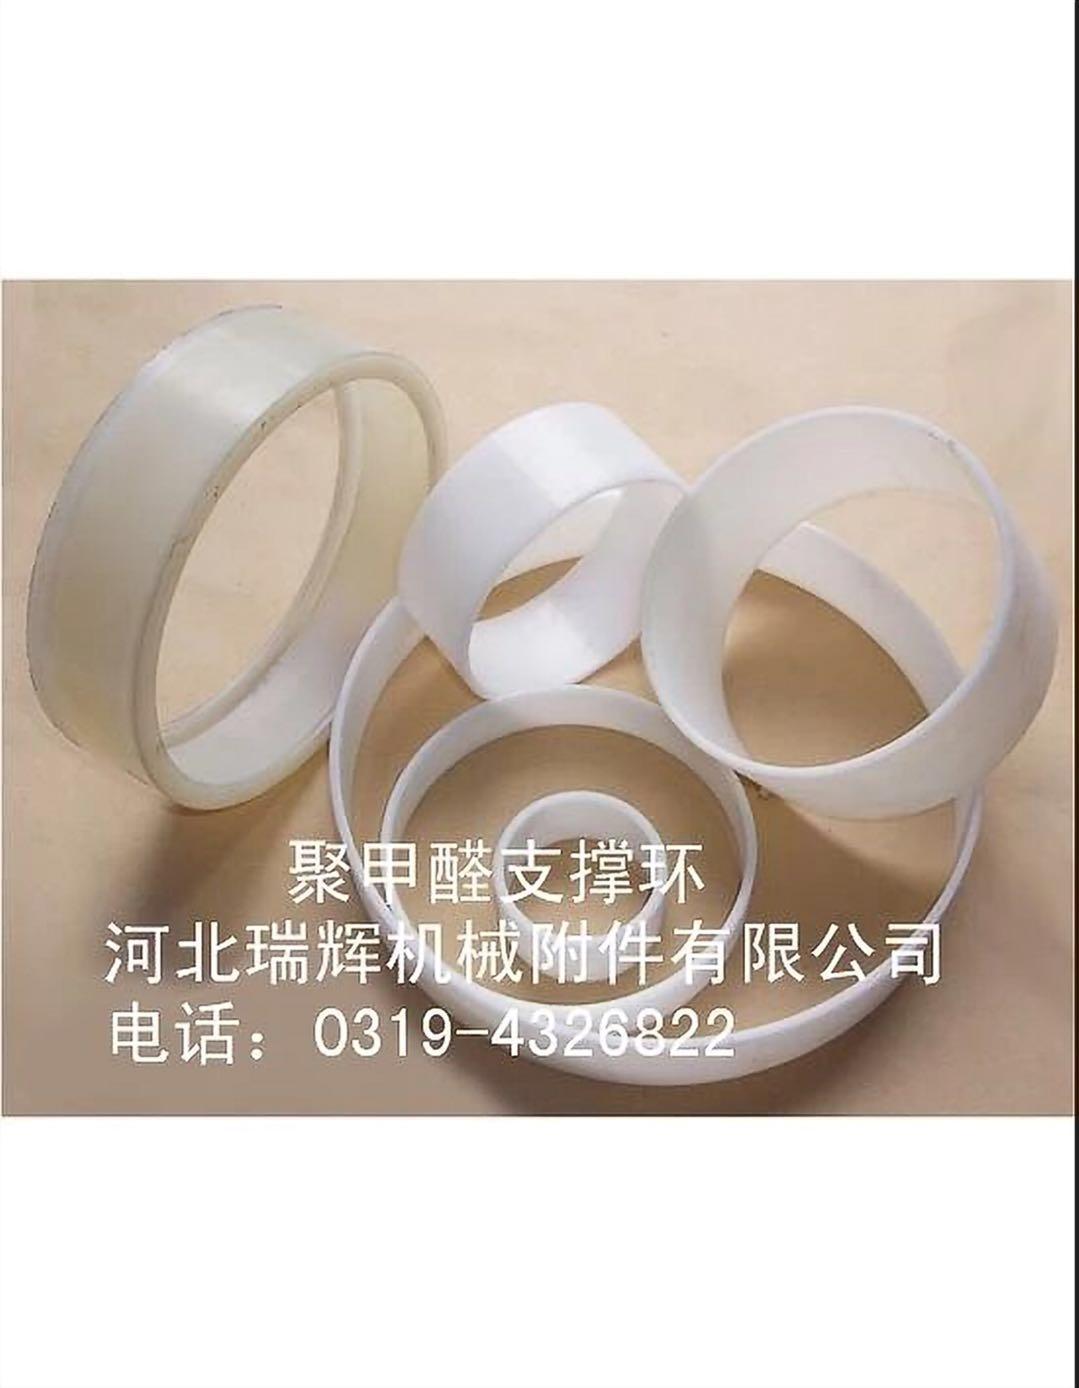 聚甲醛导向环